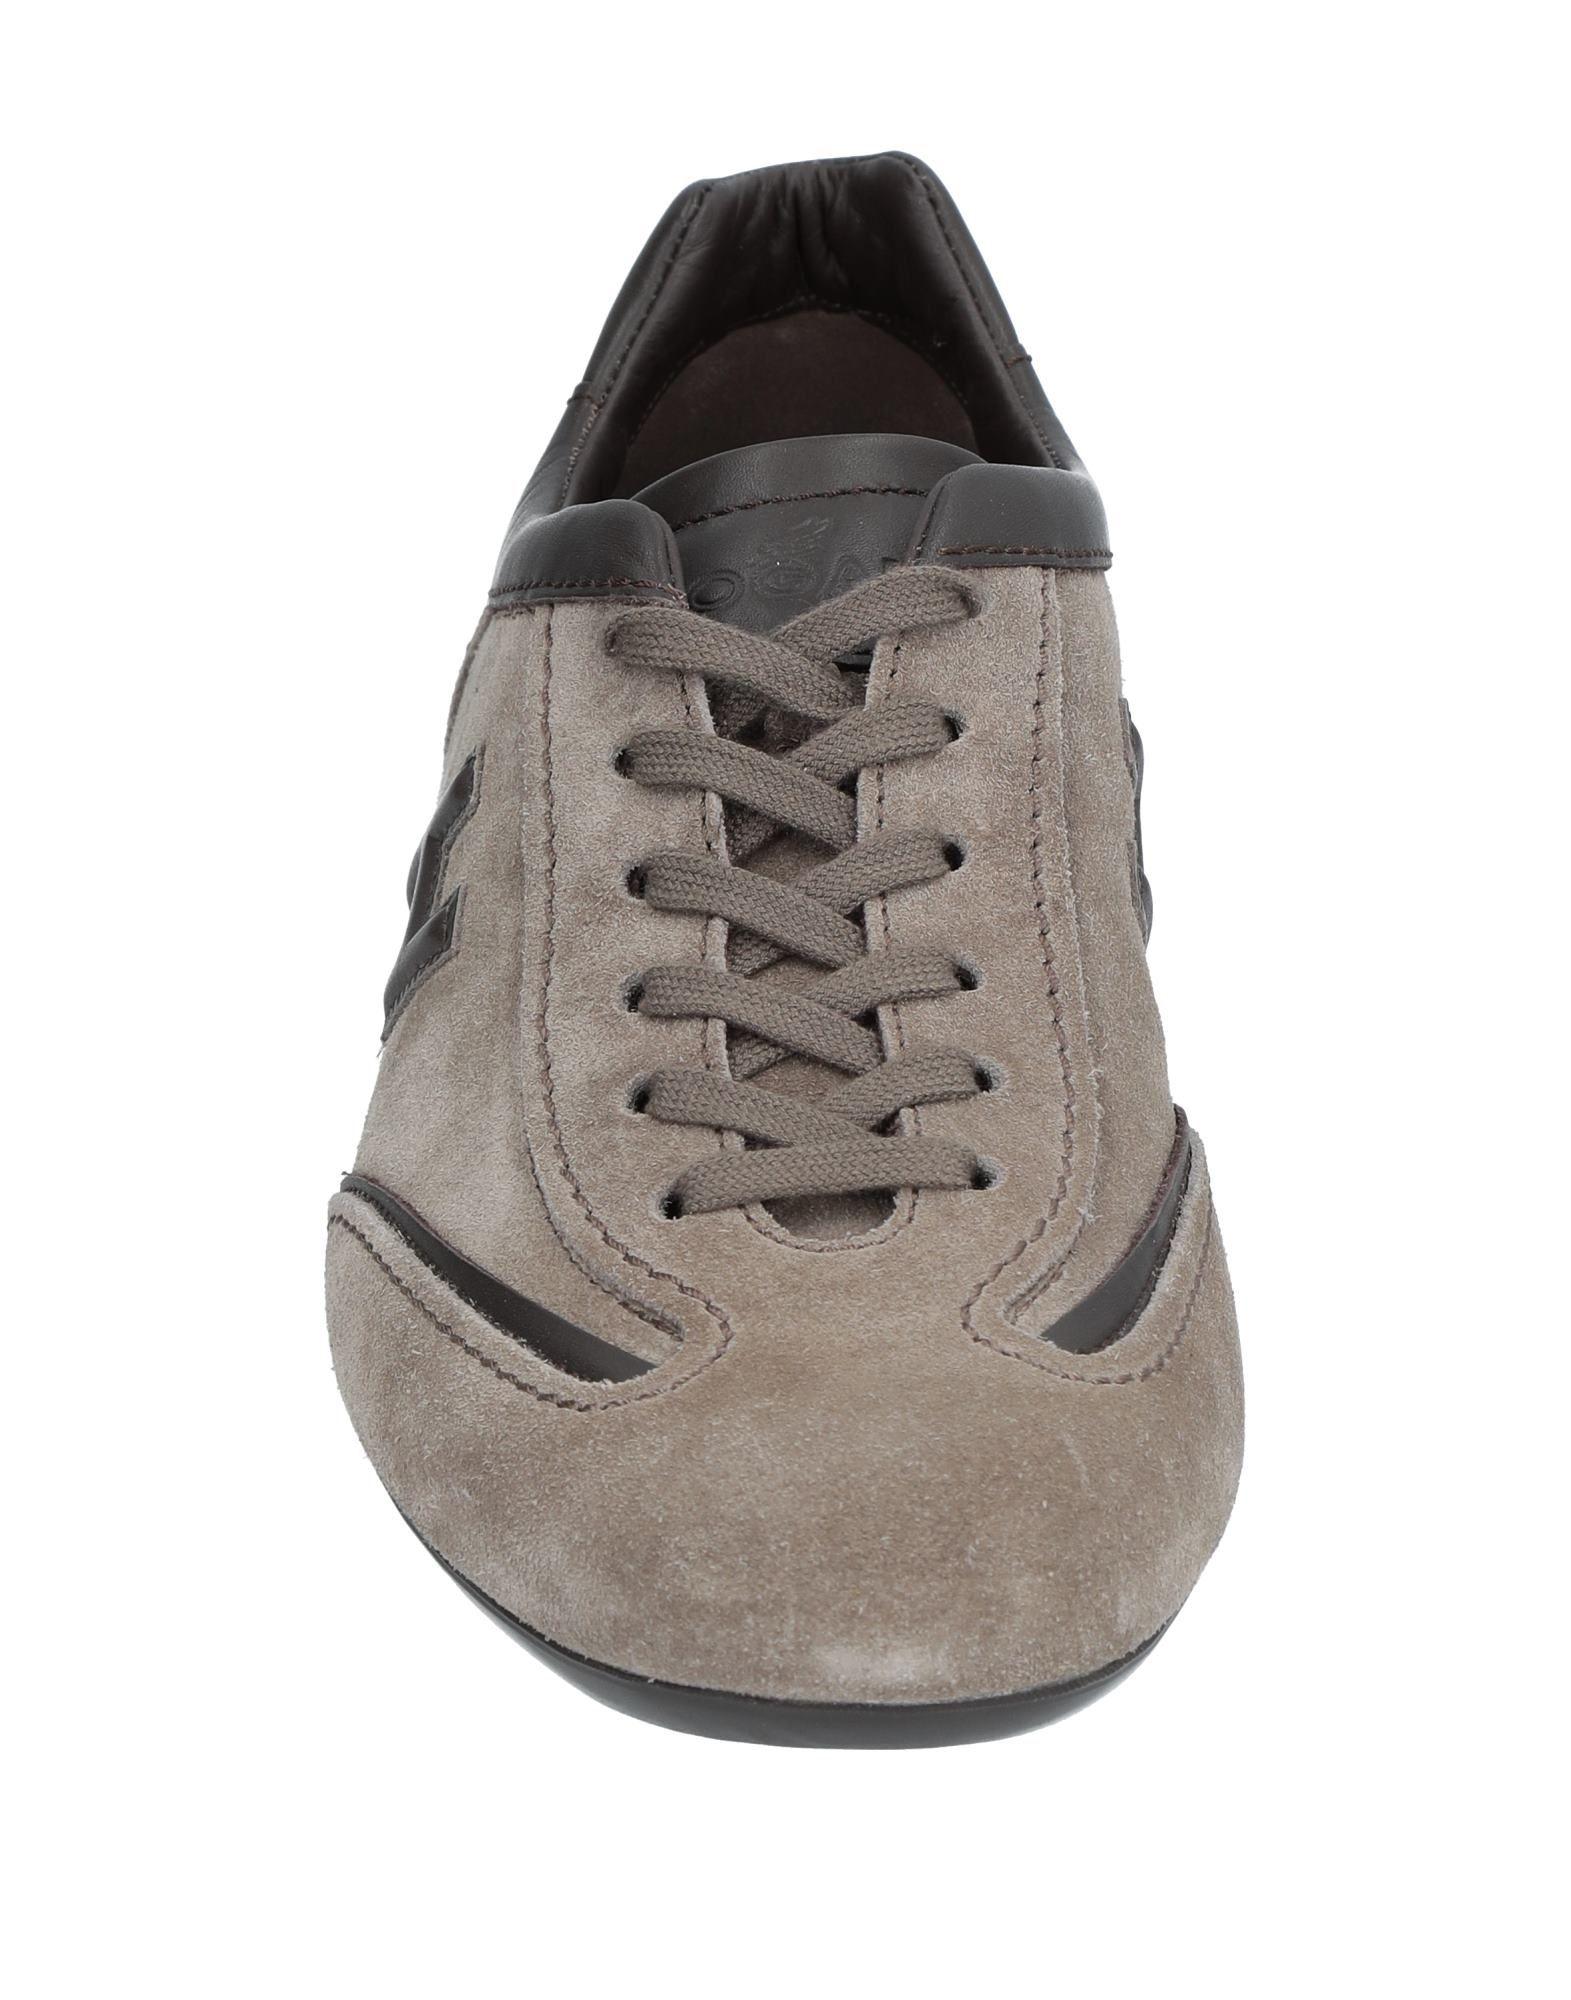 Hogan Sneakers Herren  11540325MG Schuhe Gute Qualität beliebte Schuhe 11540325MG 780f25